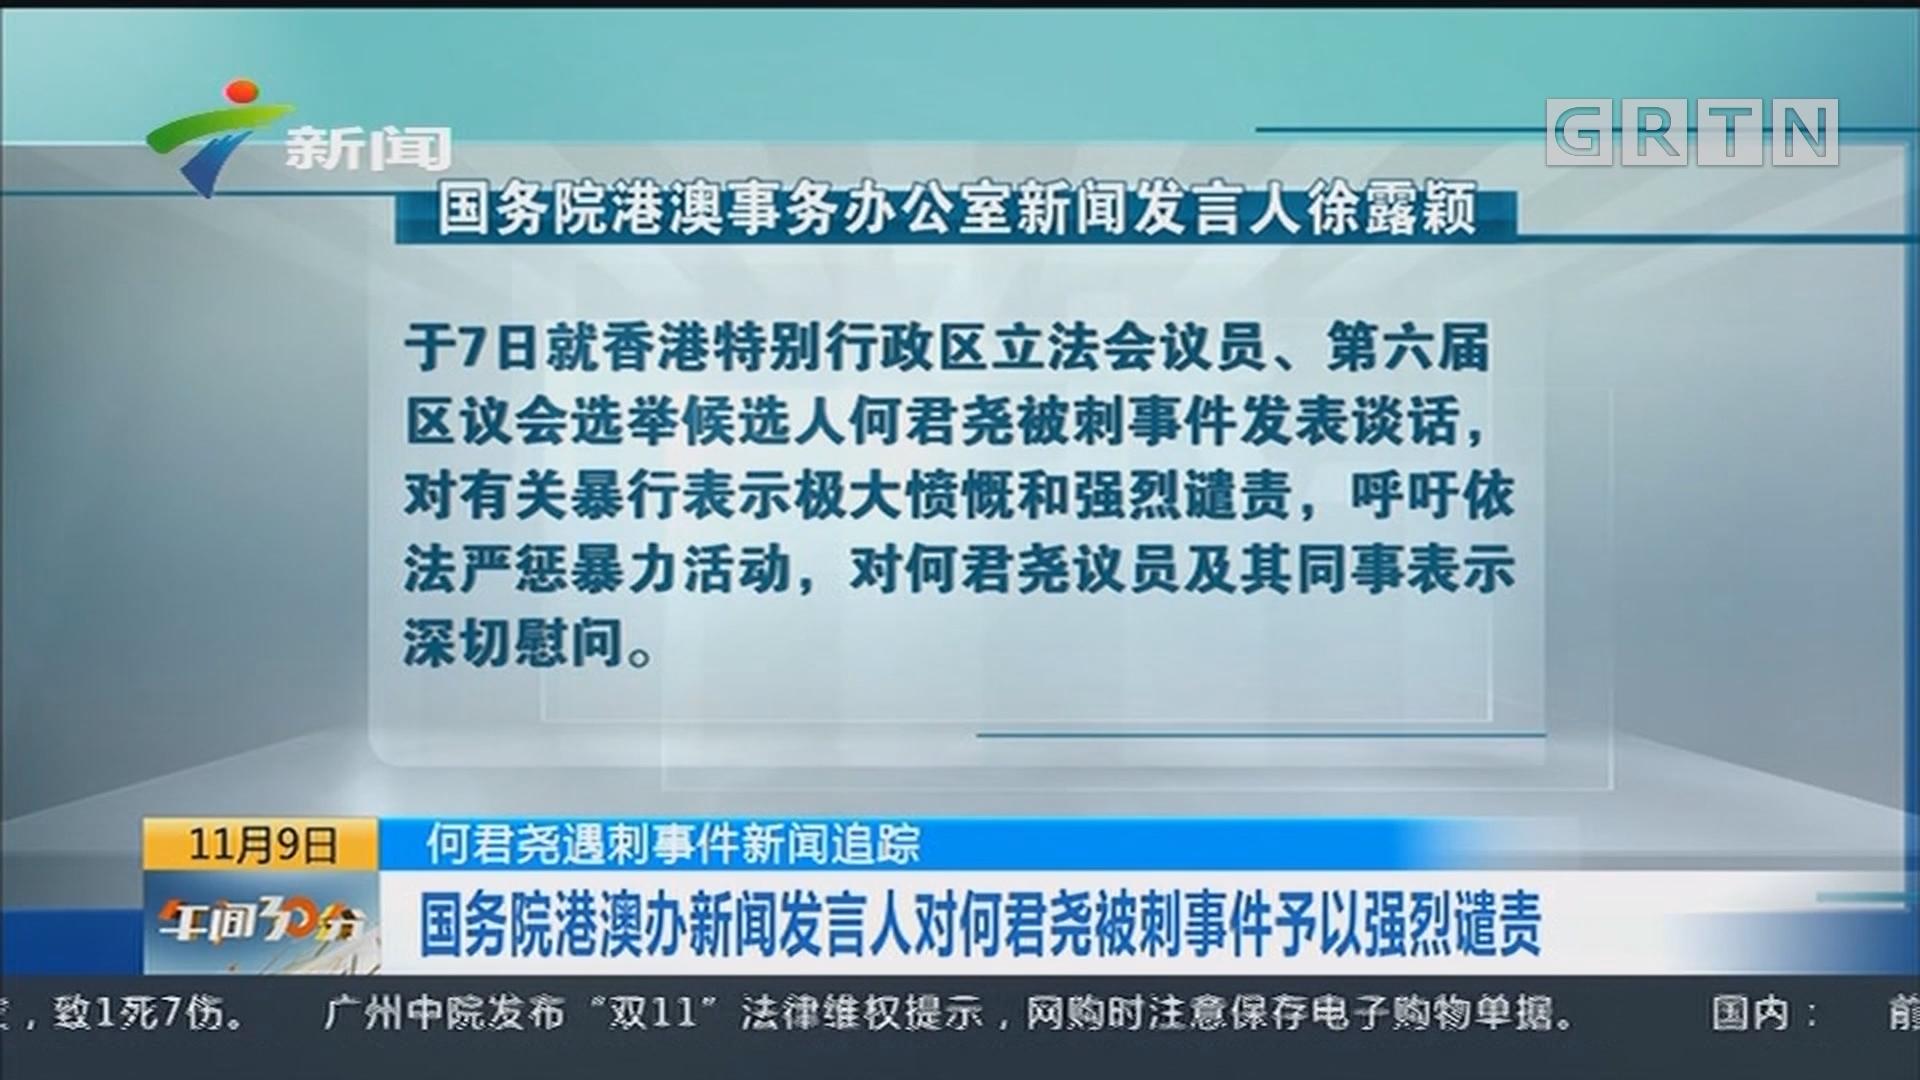 何君尧遇刺事件新闻追踪 国务院港澳办新闻发言人对何君尧被刺事件予以强烈谴责